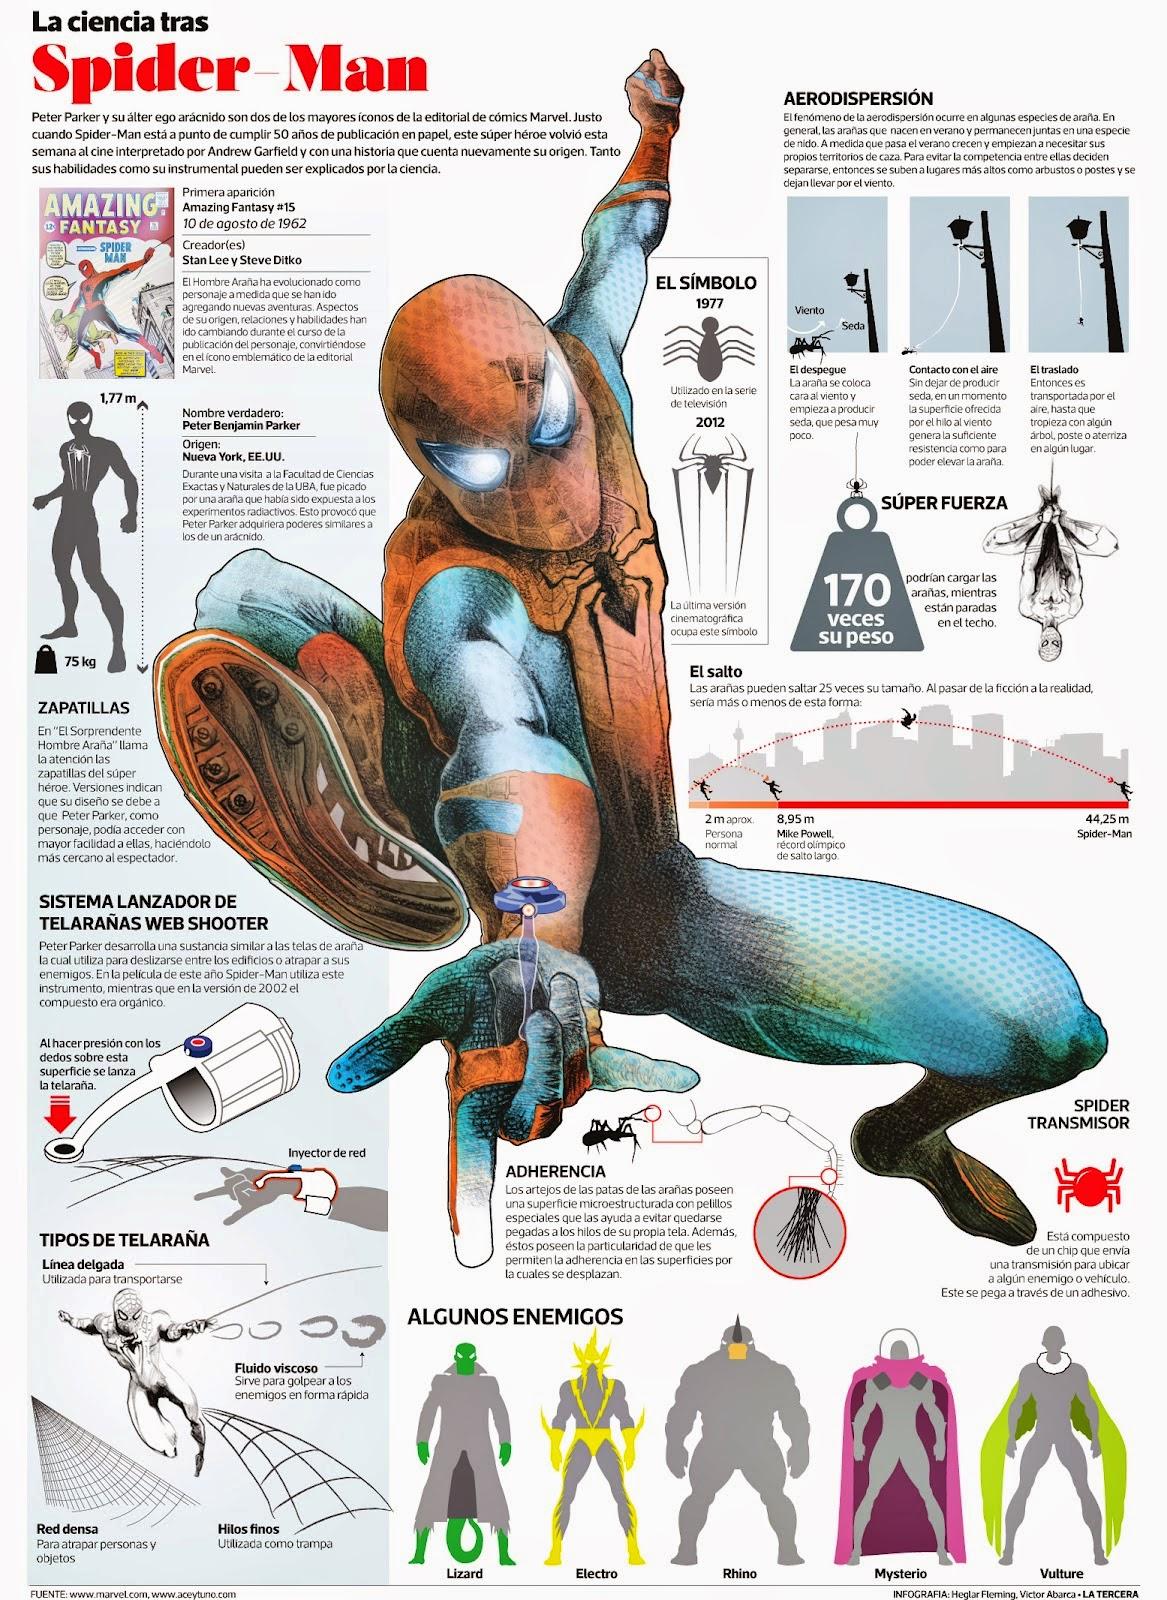 La ciencia tras Spider-man